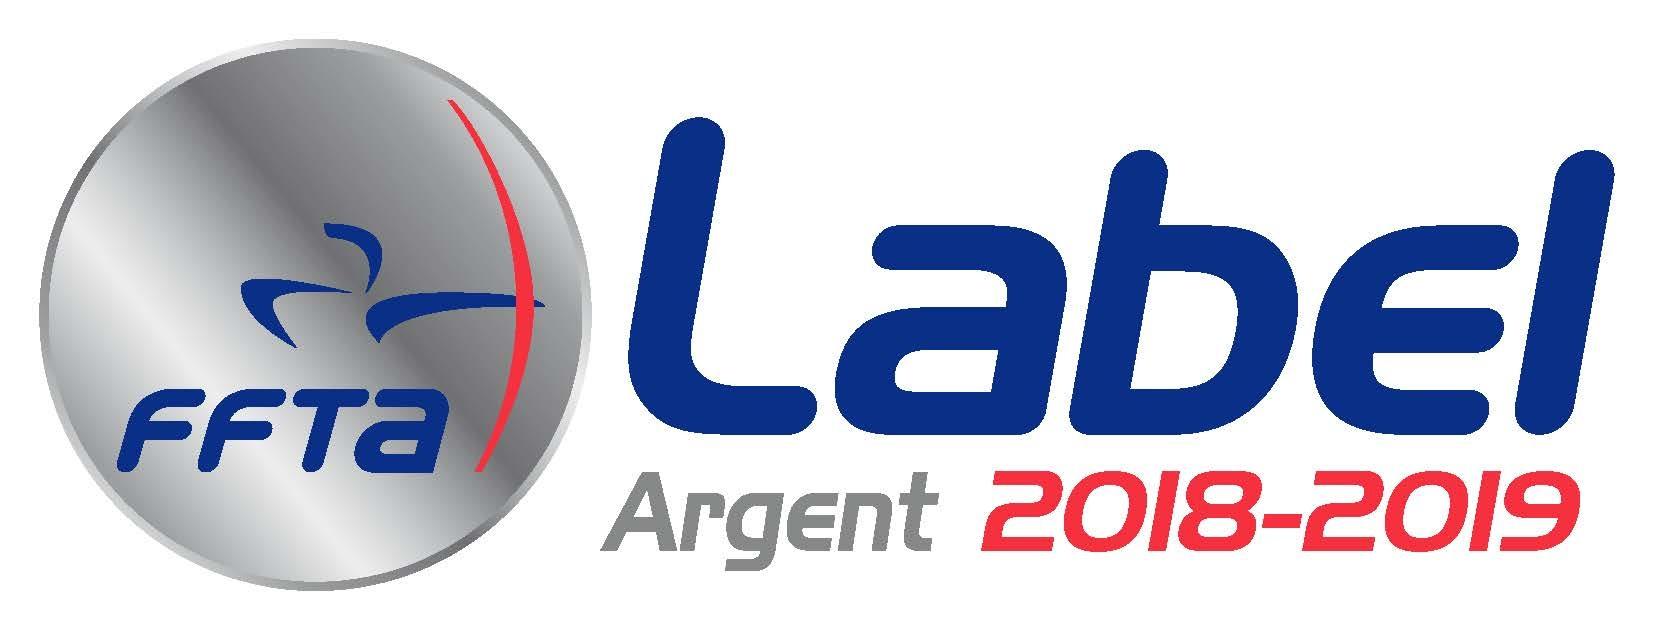 Label ARGENT FFTA 2018-2021